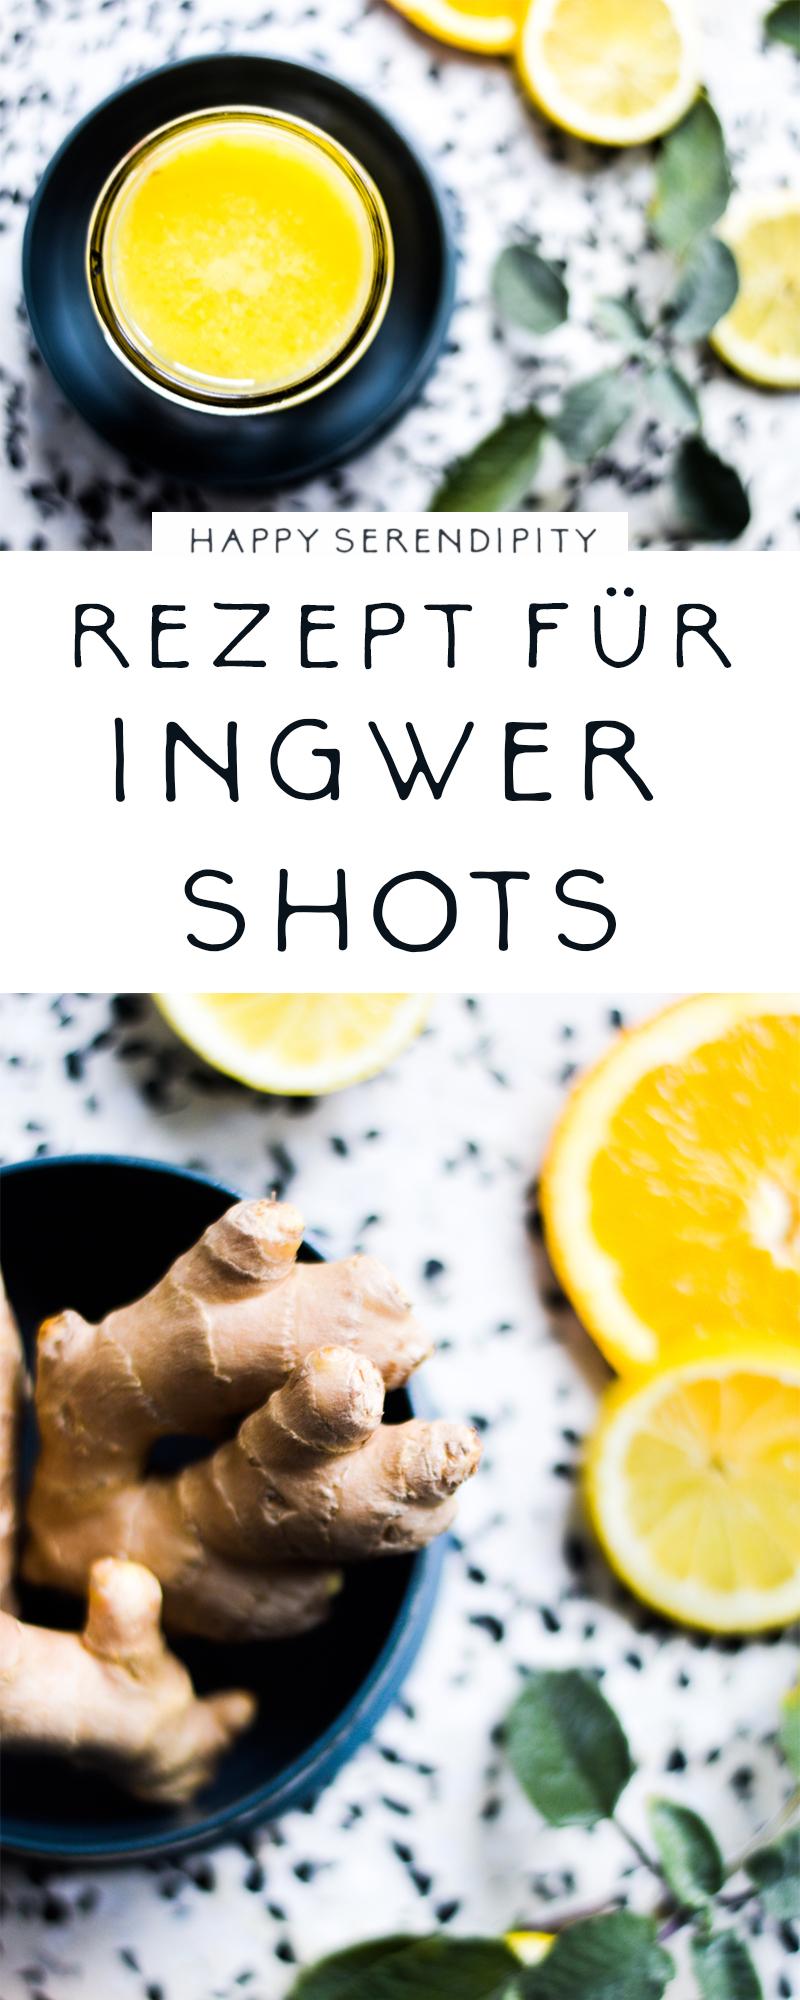 Rezept-für-Ingwer-Shots-von-Happy-Serendipity